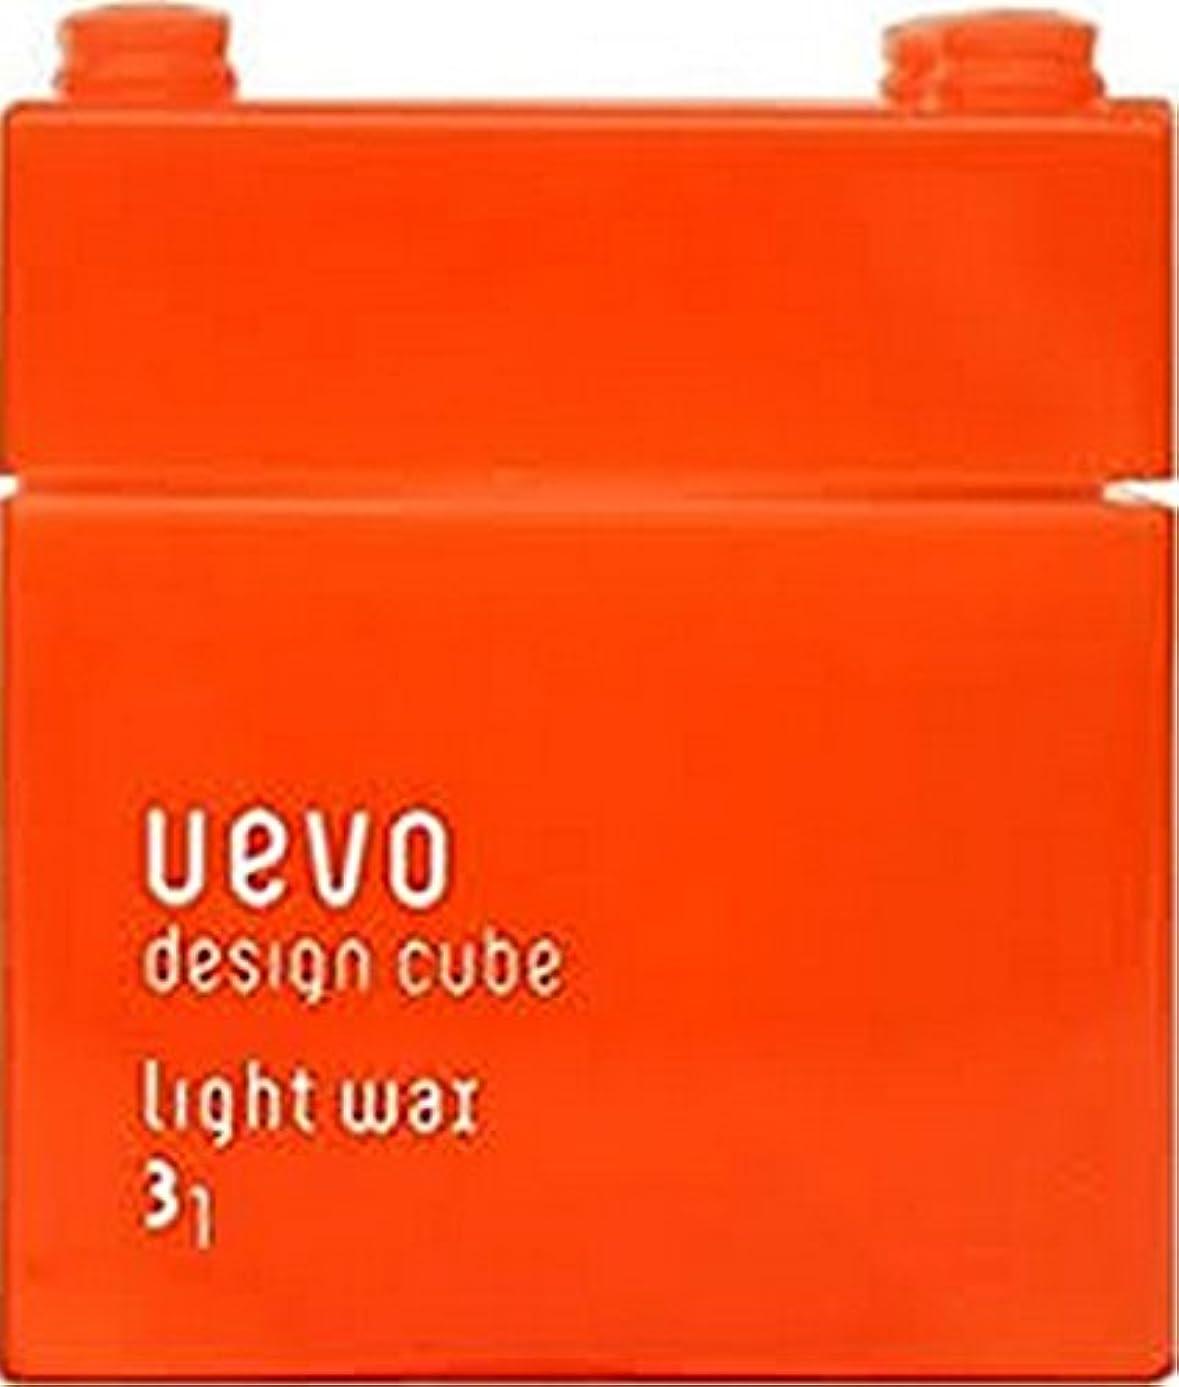 労働前任者利用可能【デミコスメティクス】ウェーボ デザインキューブ ラウンドワックス 80g